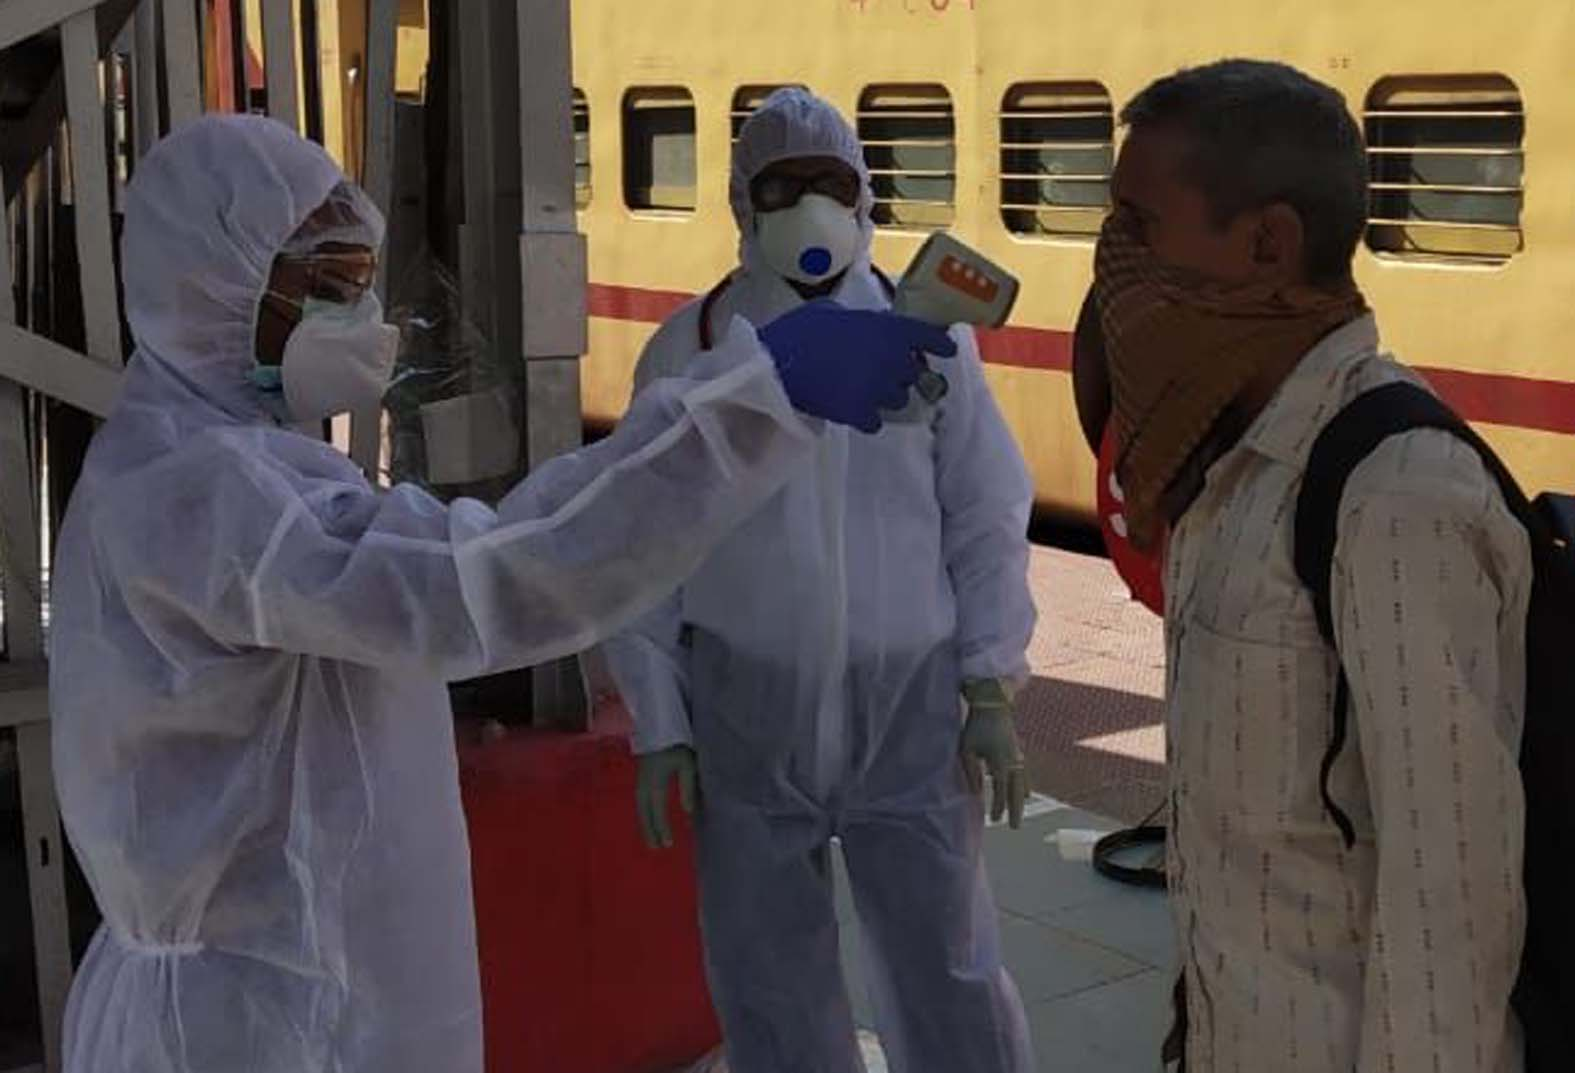 बांदा स्टेशन पर थर्मल स्क्रीनिंग करते स्वास्थ्य कर्मी।